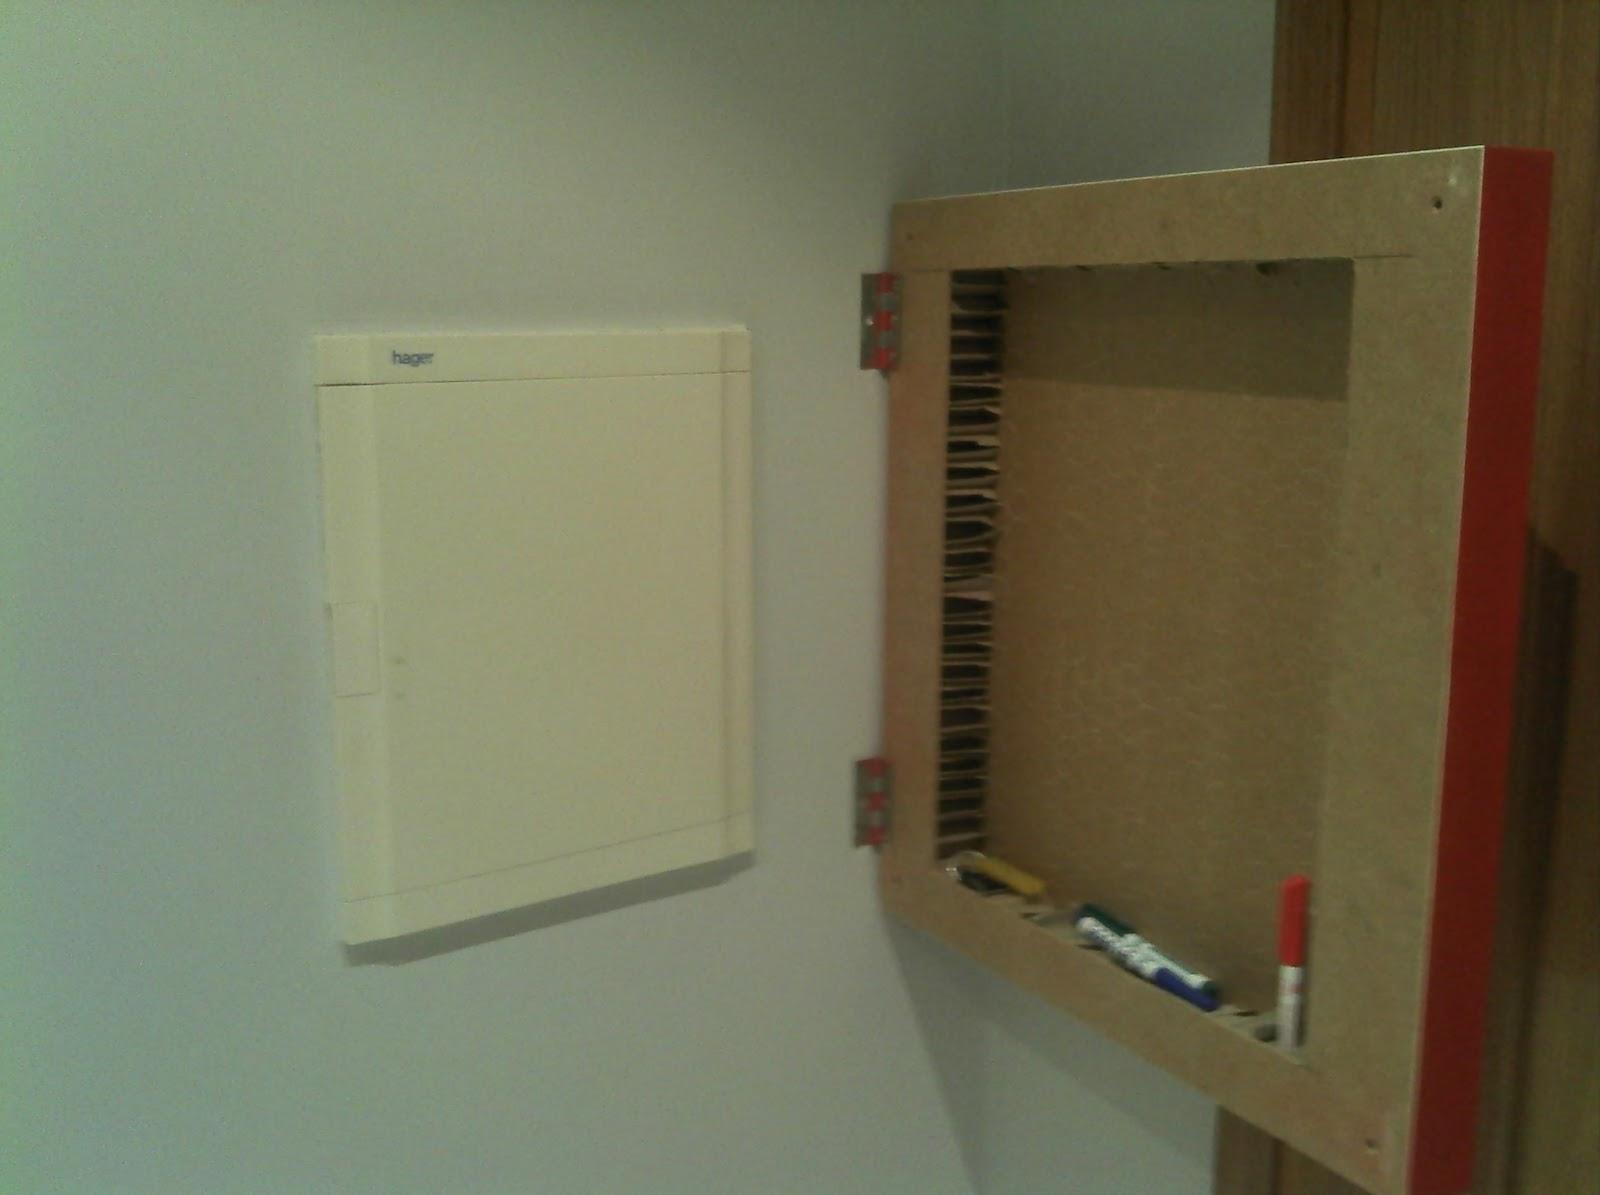 Ikea hack tapar el cuadro de la luz con una mesa lack - Luz armario ikea ...